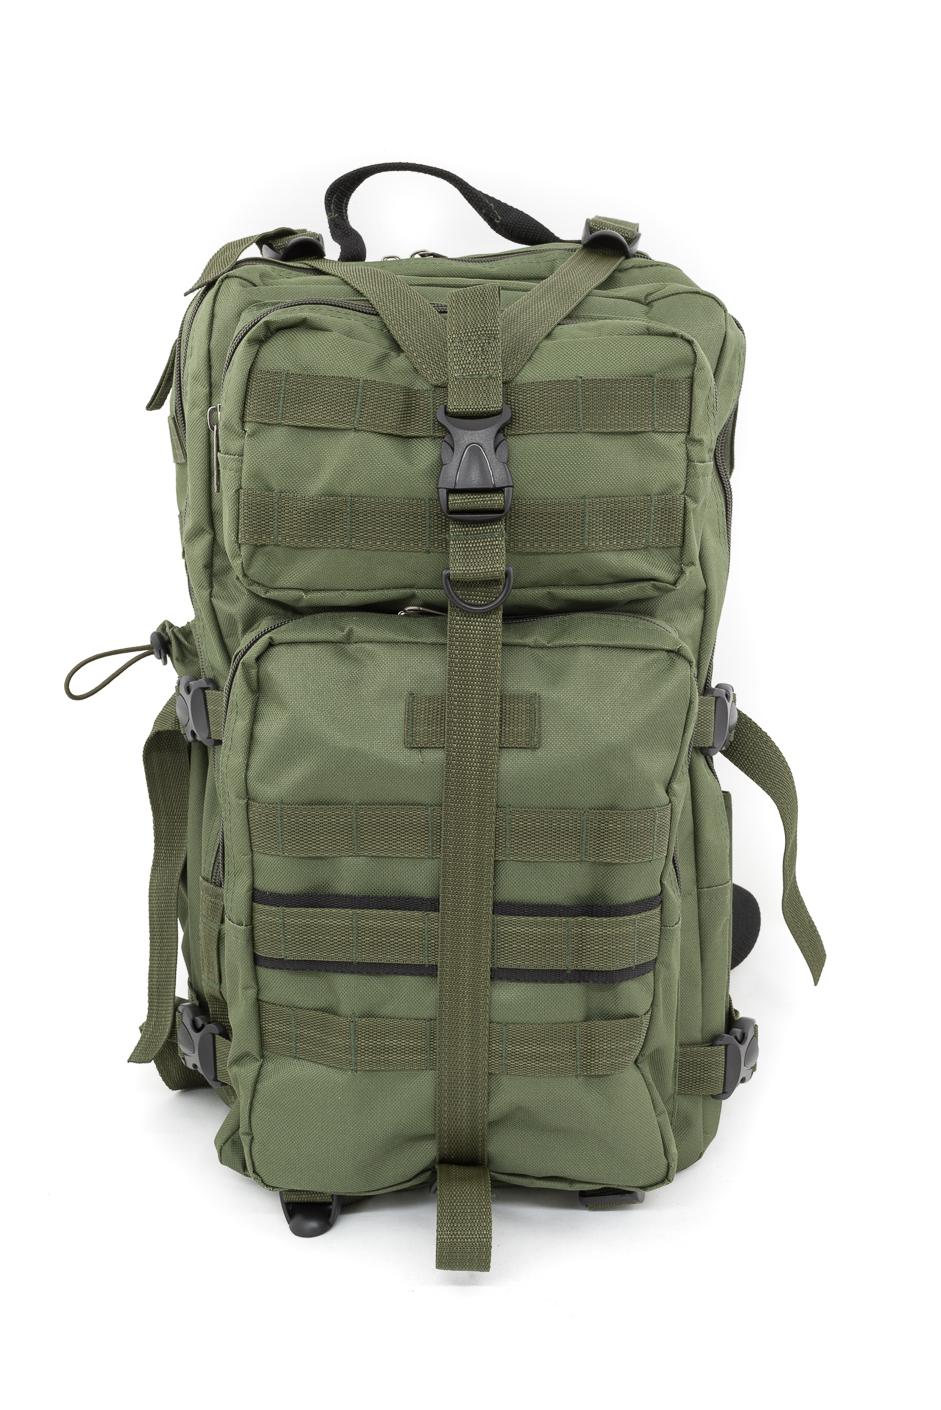 Производство сумок - рюкзаков в спб рюкзак с каркасом иркут90